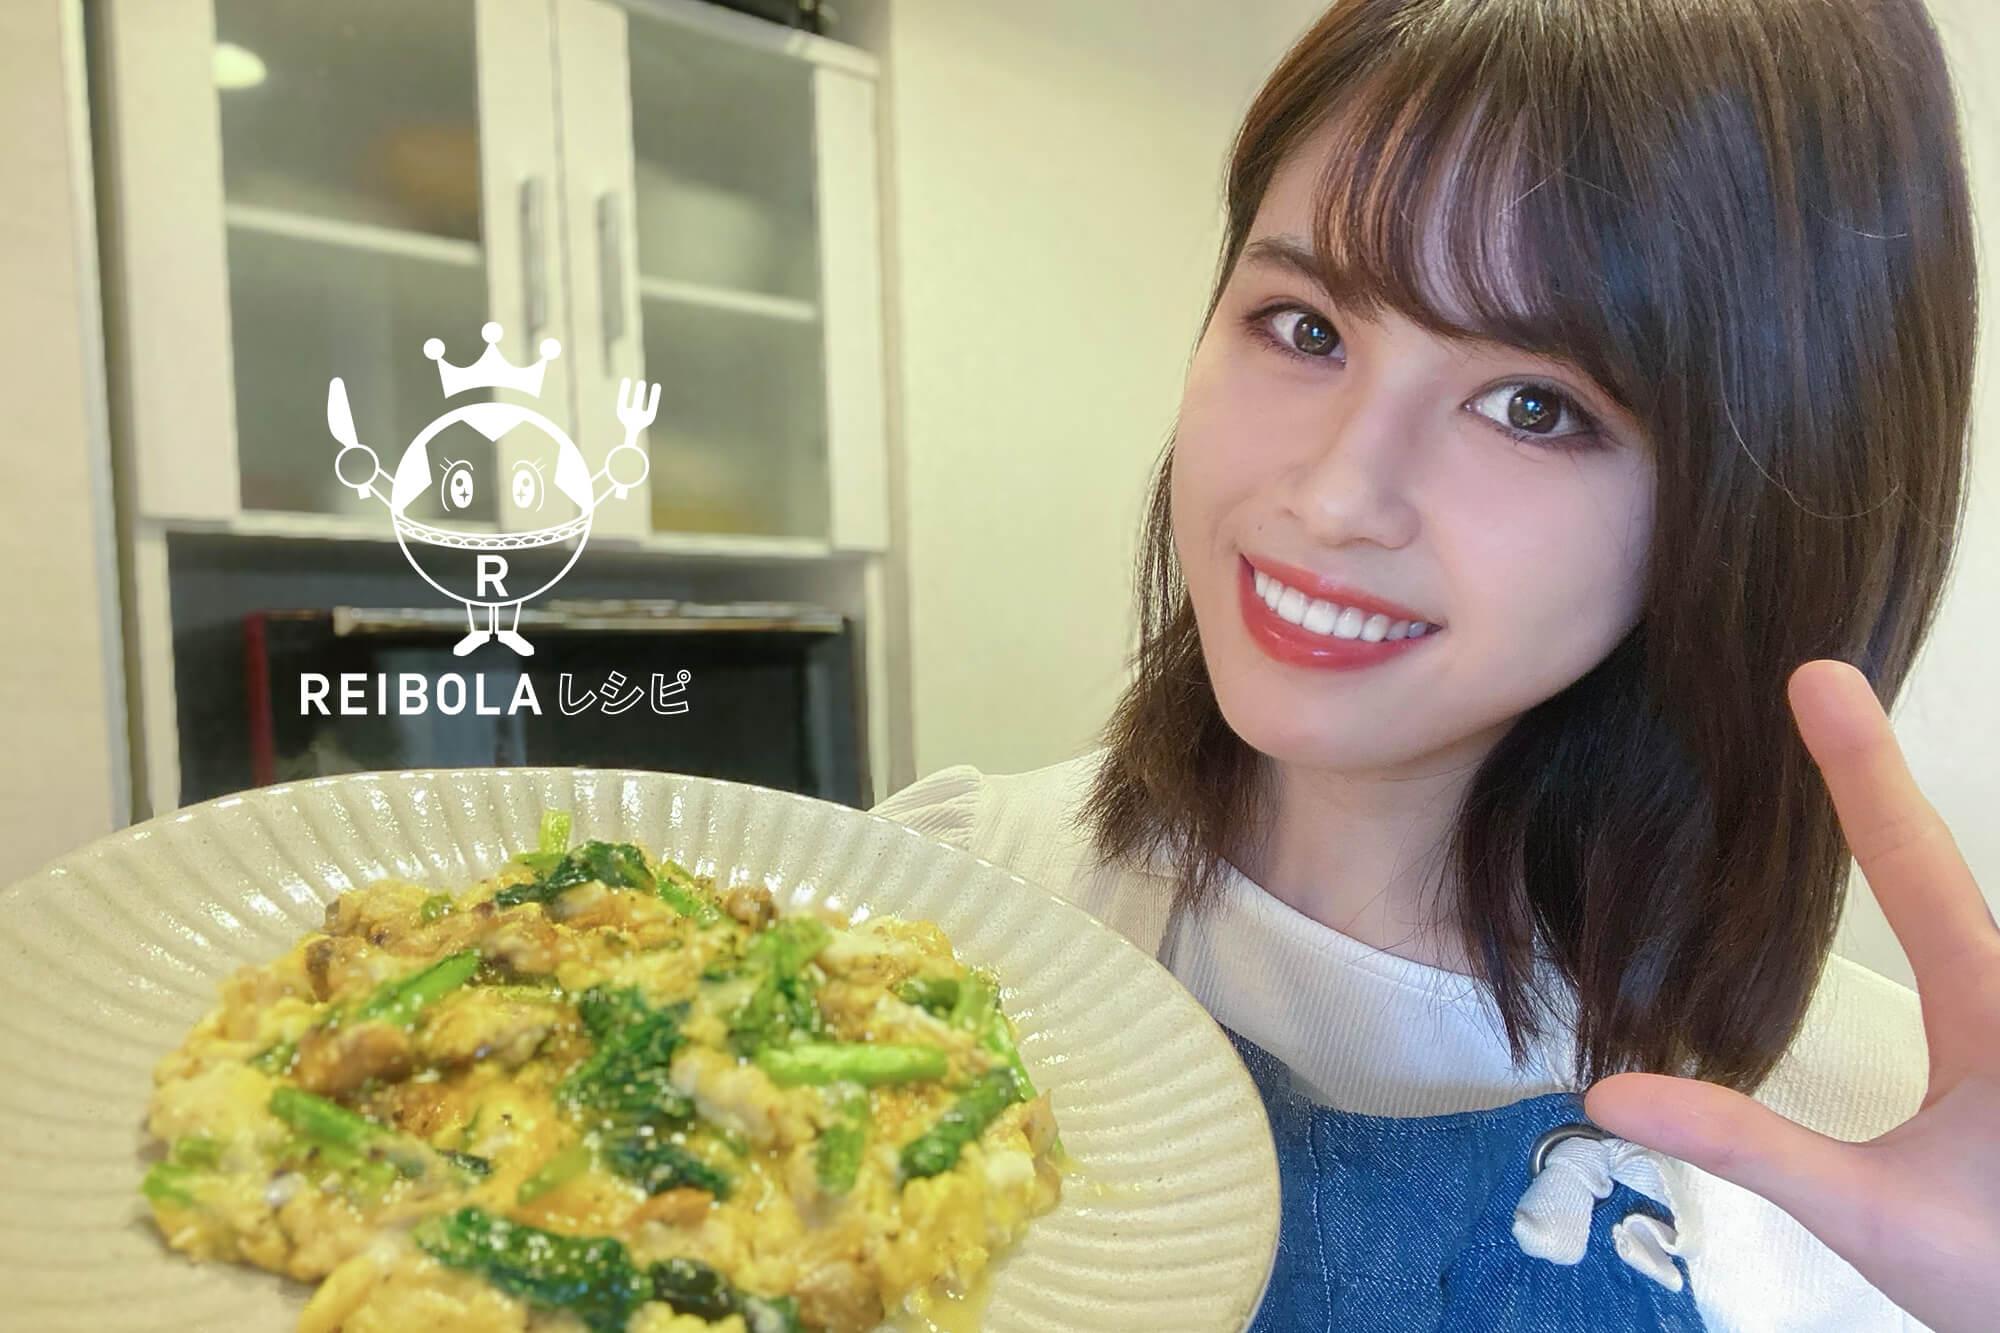 鉄分補給!アサリと小松菜の卵とじ/管理栄養士 スポーツフードアドバイザー 坂本星美